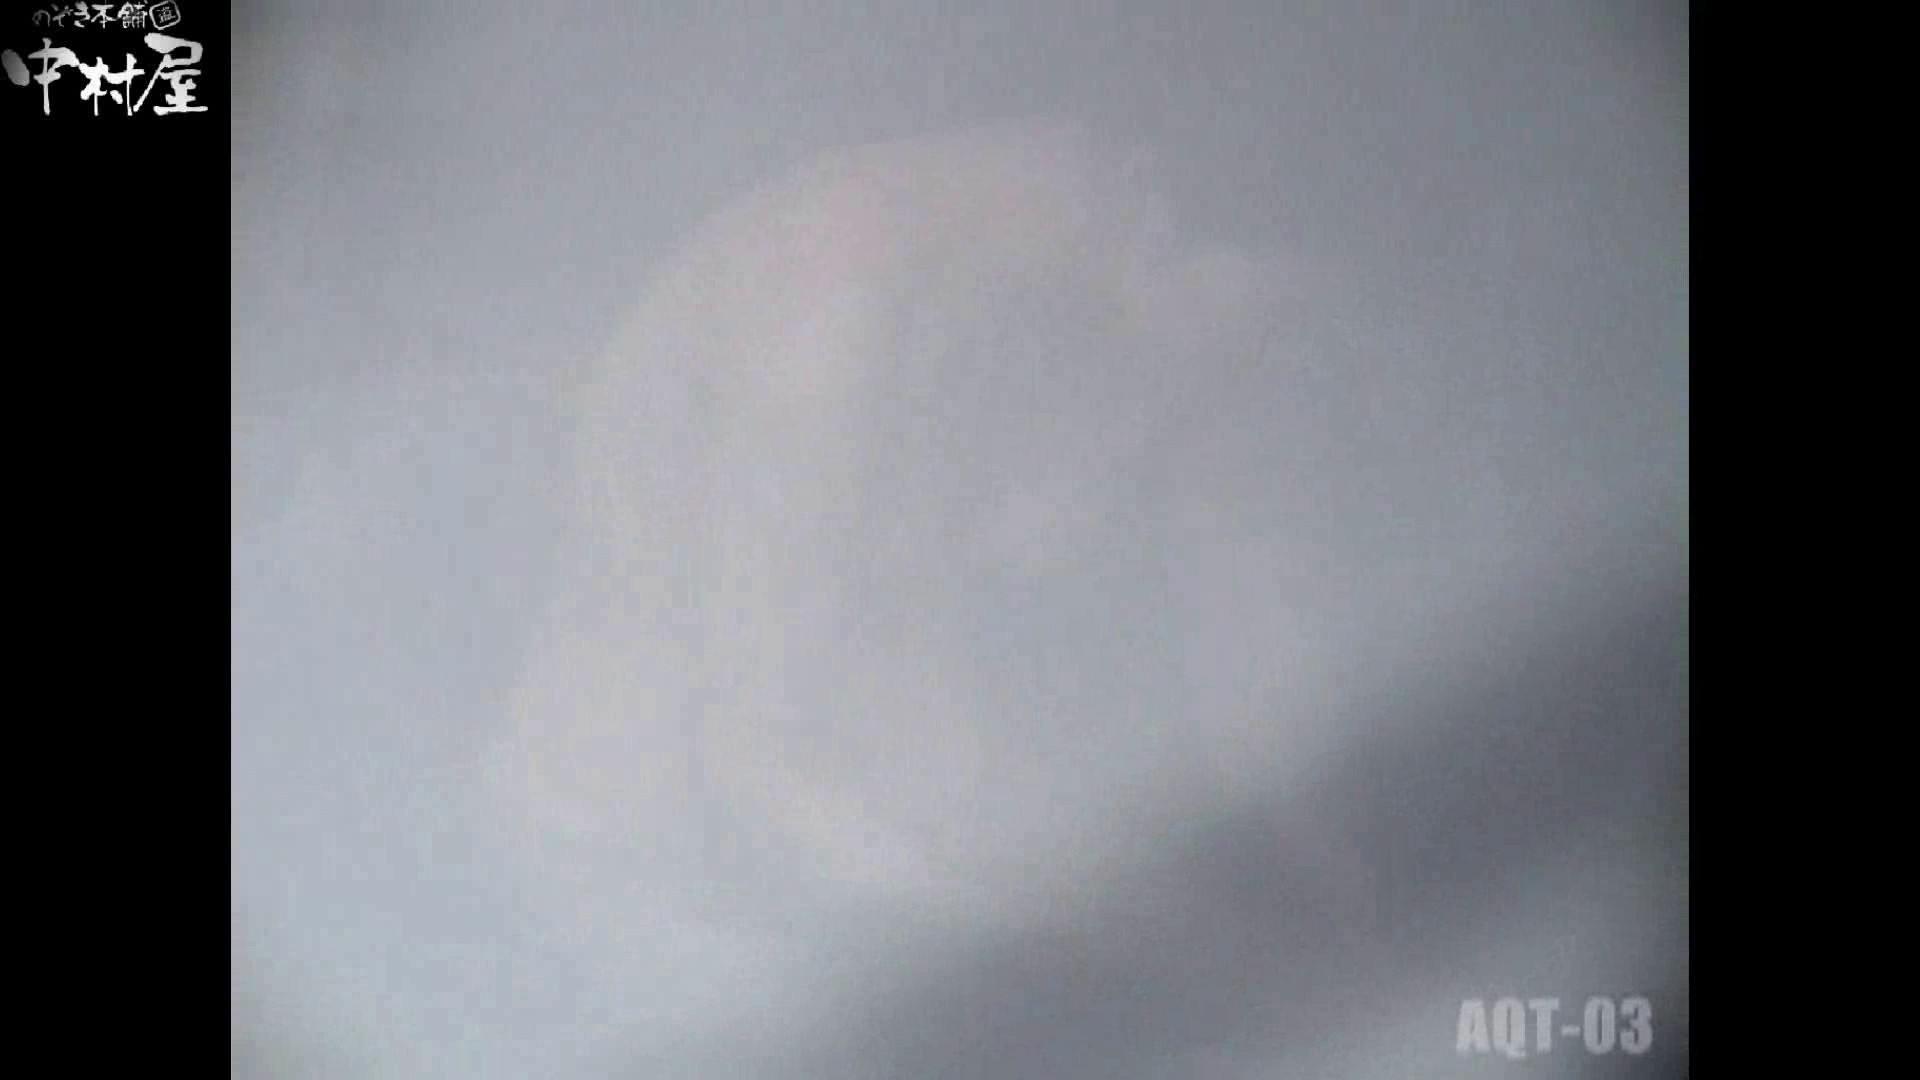 Aquaな露天風呂Vol.867潜入盗撮露天風呂参判湯 其の六 盗撮師作品  89pic 8